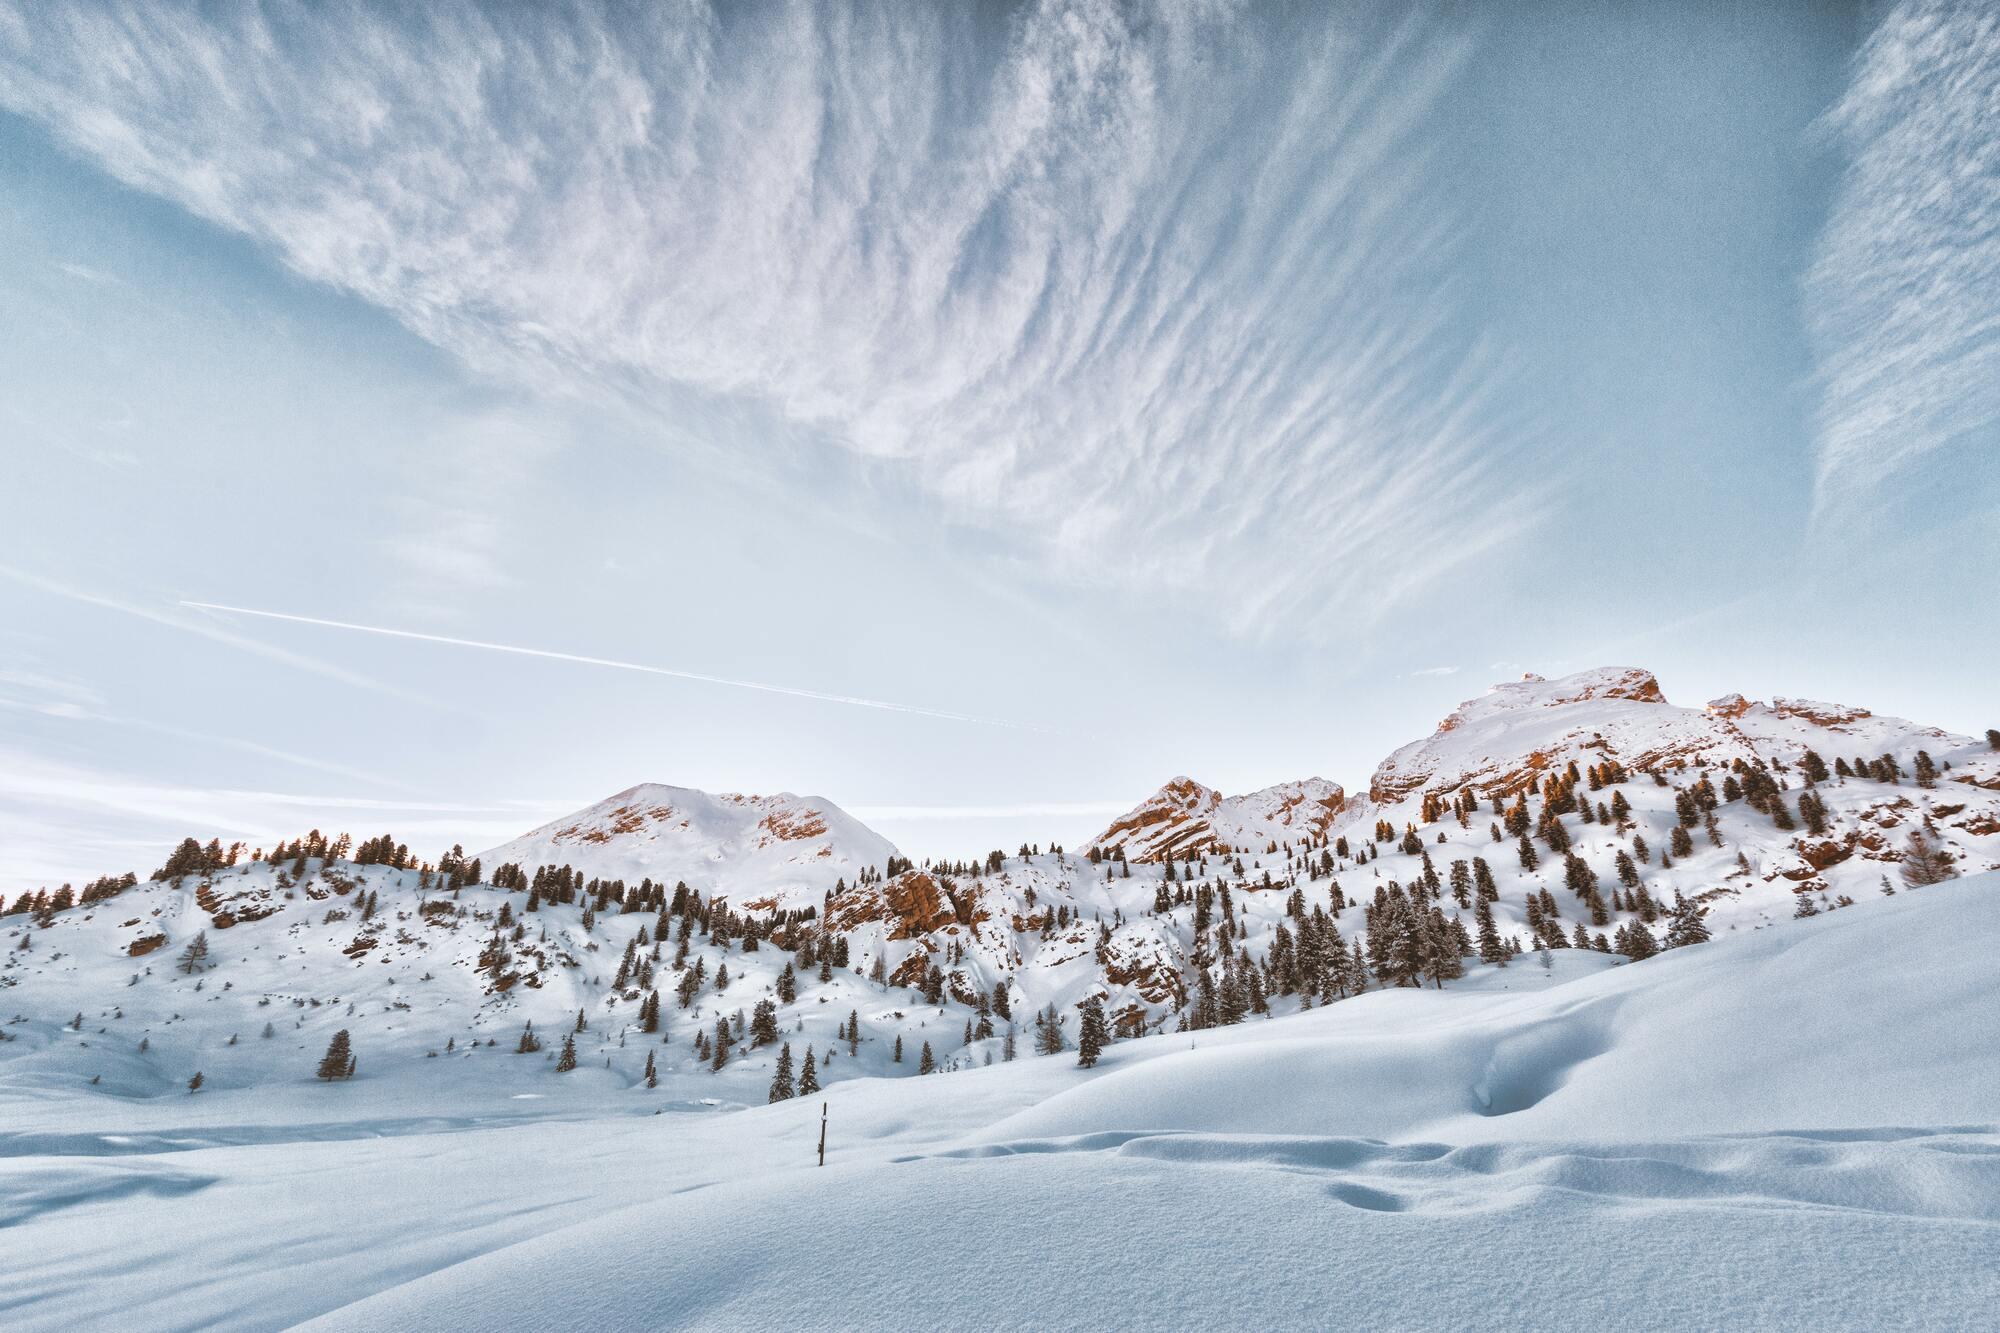 Якщо 22 лютого розпочався відлига, то варто чекати нових морозів.